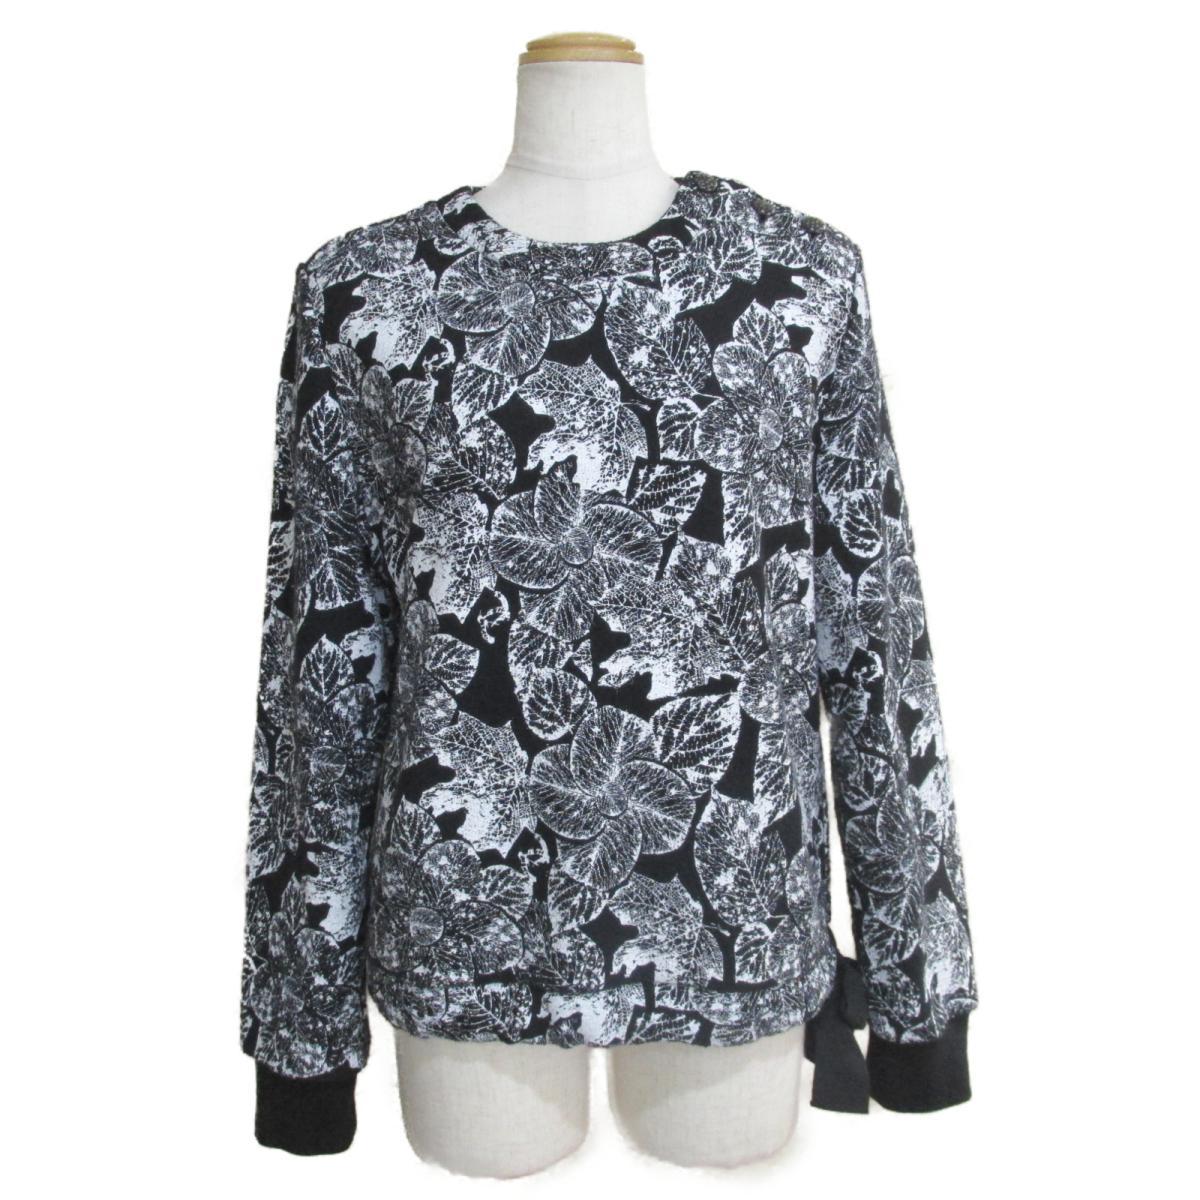 【中古】 シャネル トレーナー レディース コットン100% ブラック ホワイト (P60208K07863) | CHANEL BRANDOFF ブランドオフ 衣料品 衣類 ブランド トップス スウェット